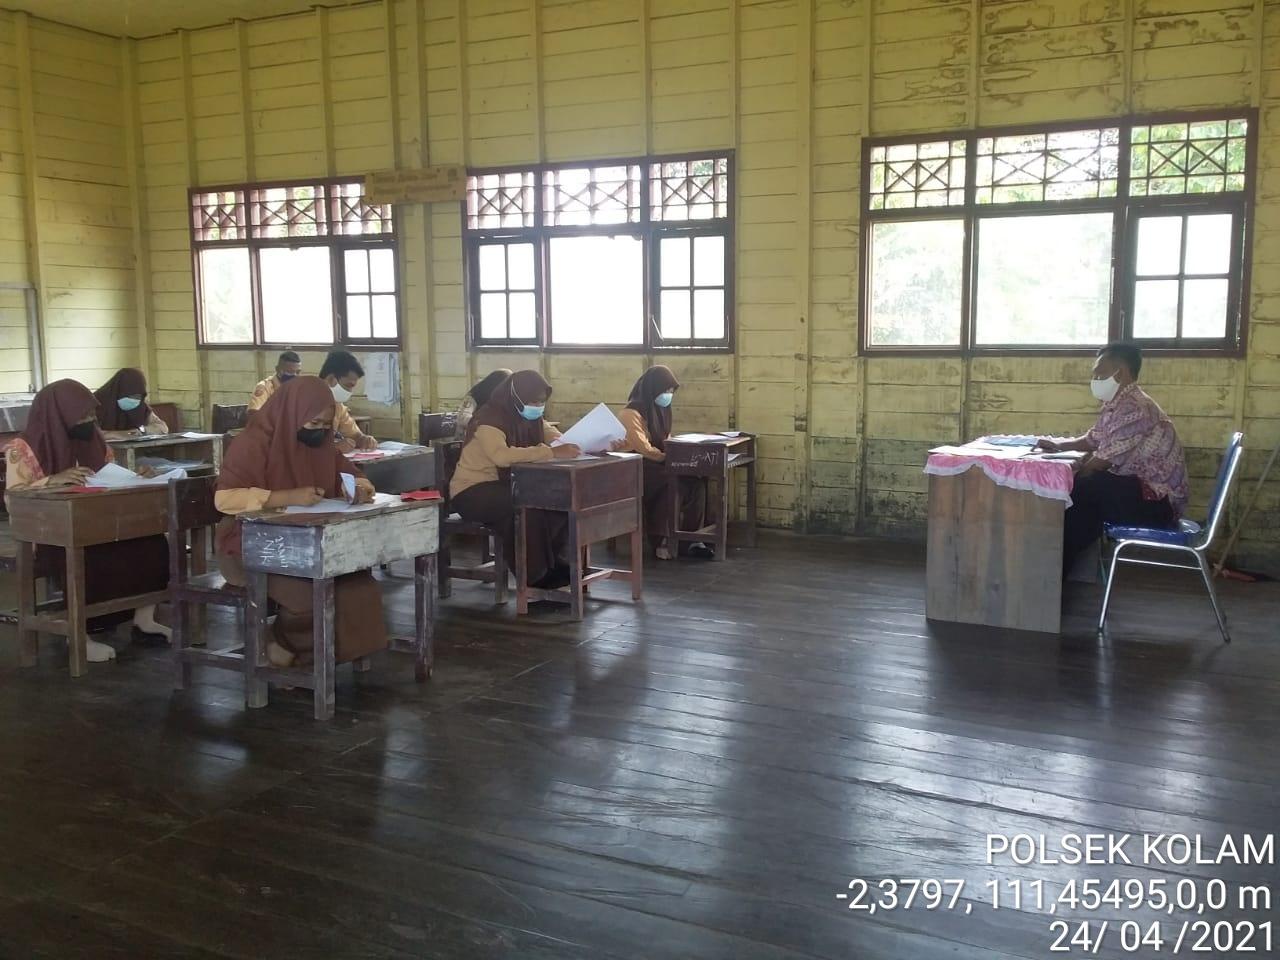 Hari ke 6 pelaksanaan ujian sekolah di Kecamatan Kotawaringin Lama